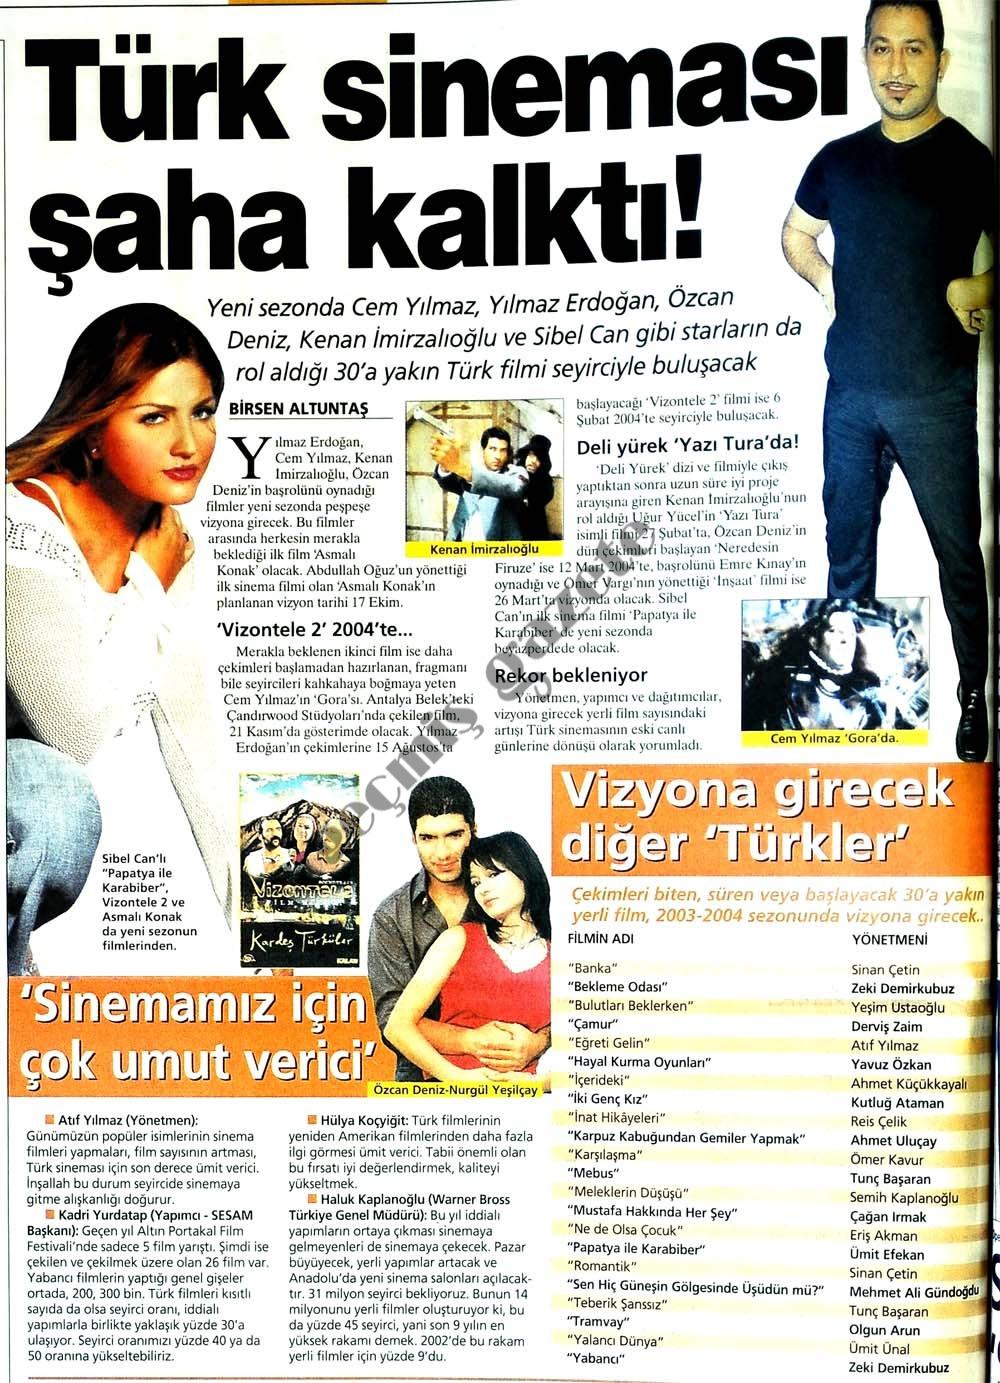 Türk sineması şaha kalktı